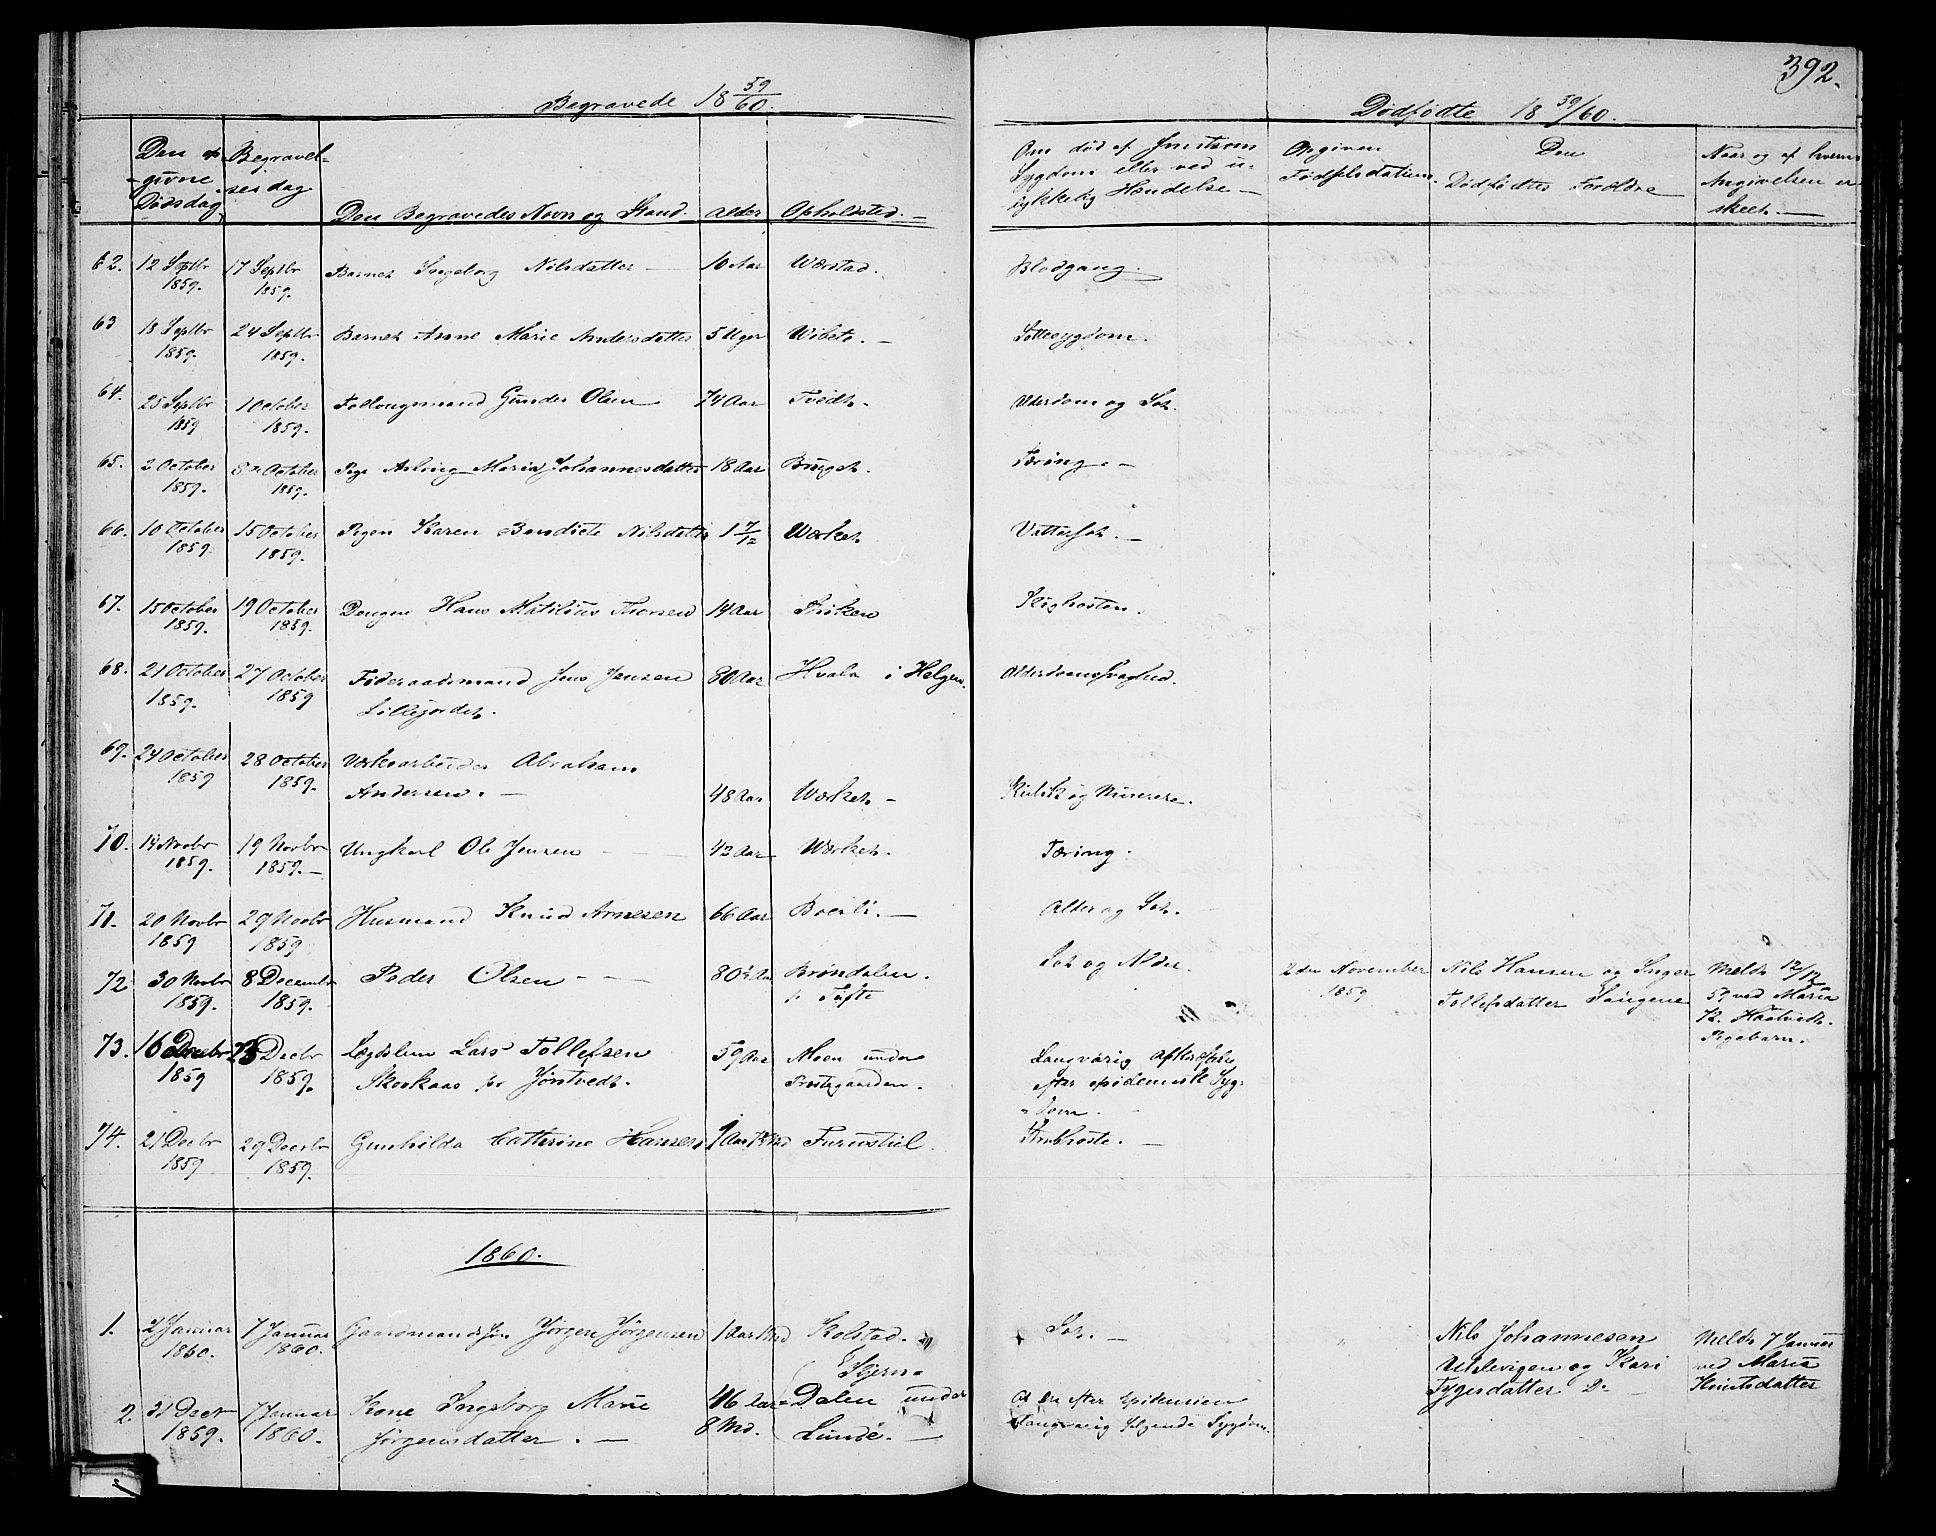 SAKO, Holla kirkebøker, G/Ga/L0003: Klokkerbok nr. I 3, 1849-1866, s. 392